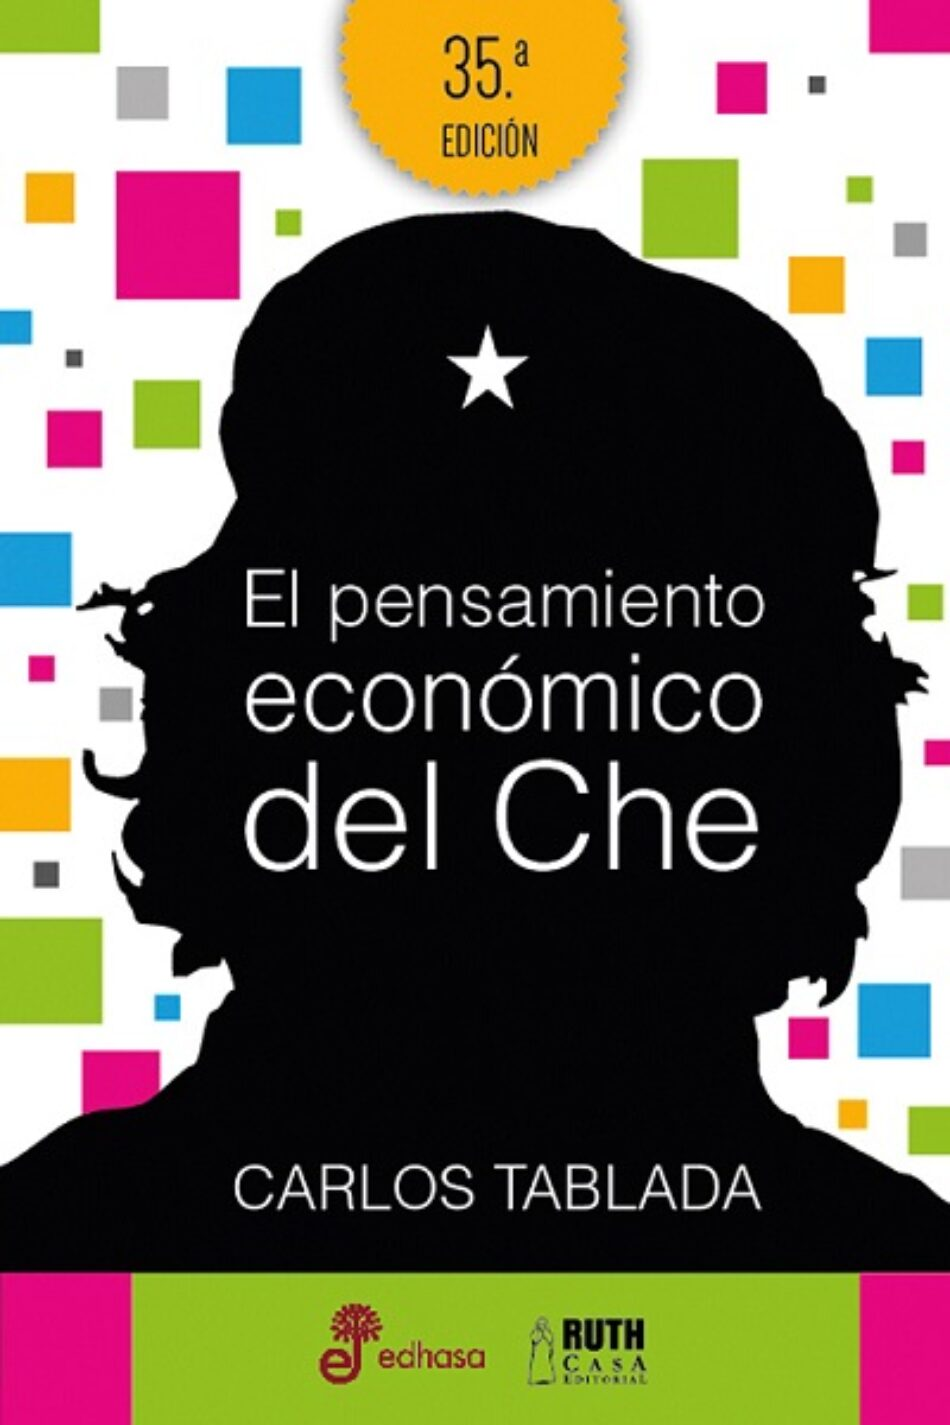 La concepción socialista del Che, ayer y hoy